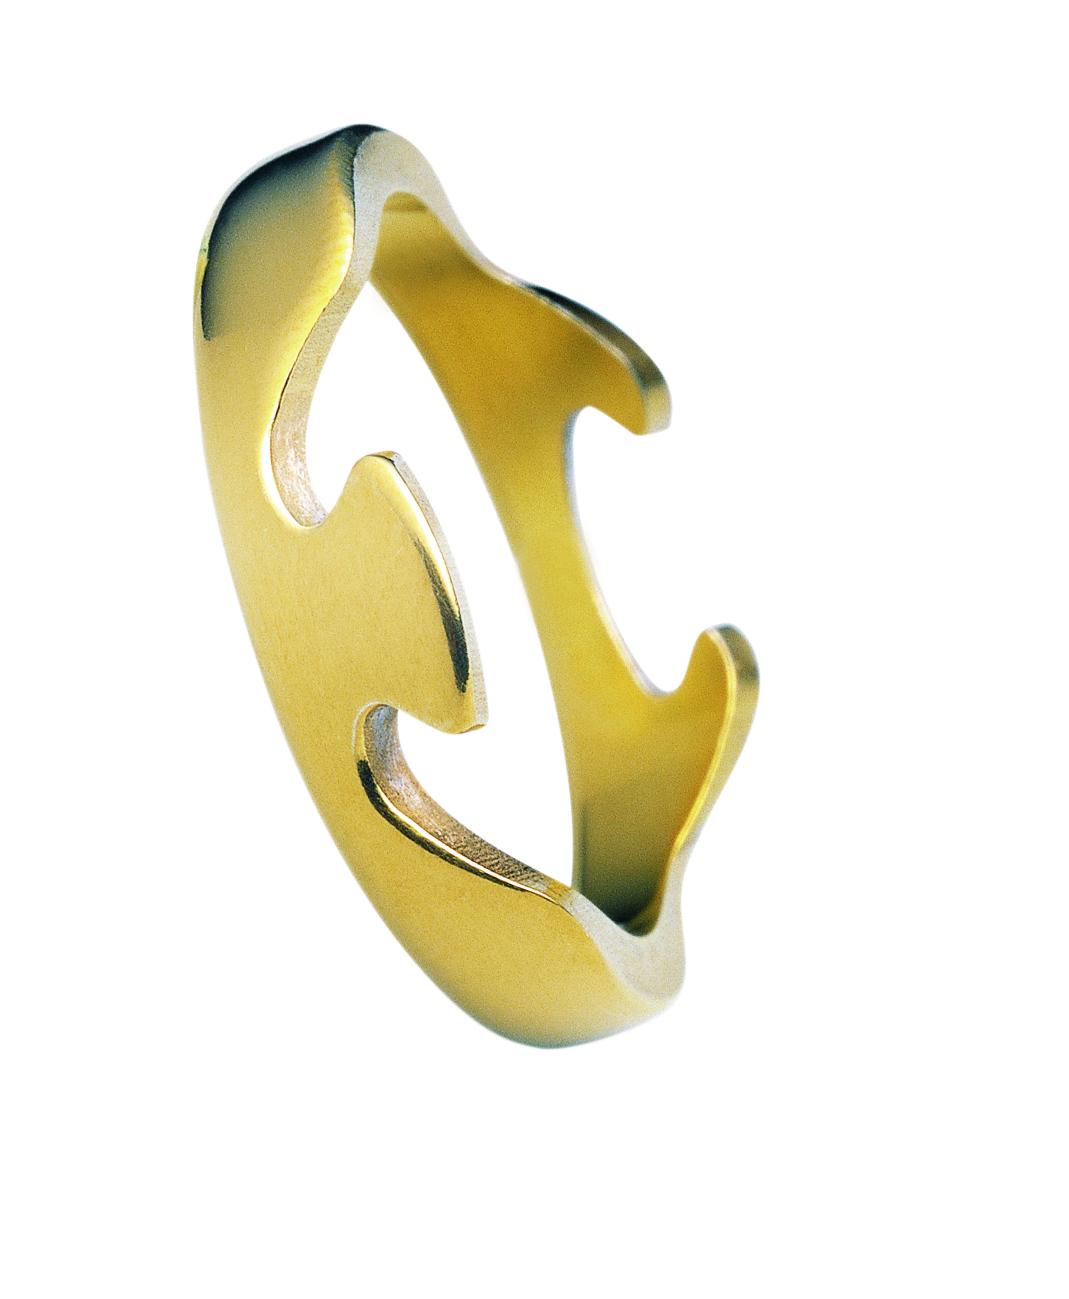 Georg Jensen FUSION ring - 3541680 Størrelse 54